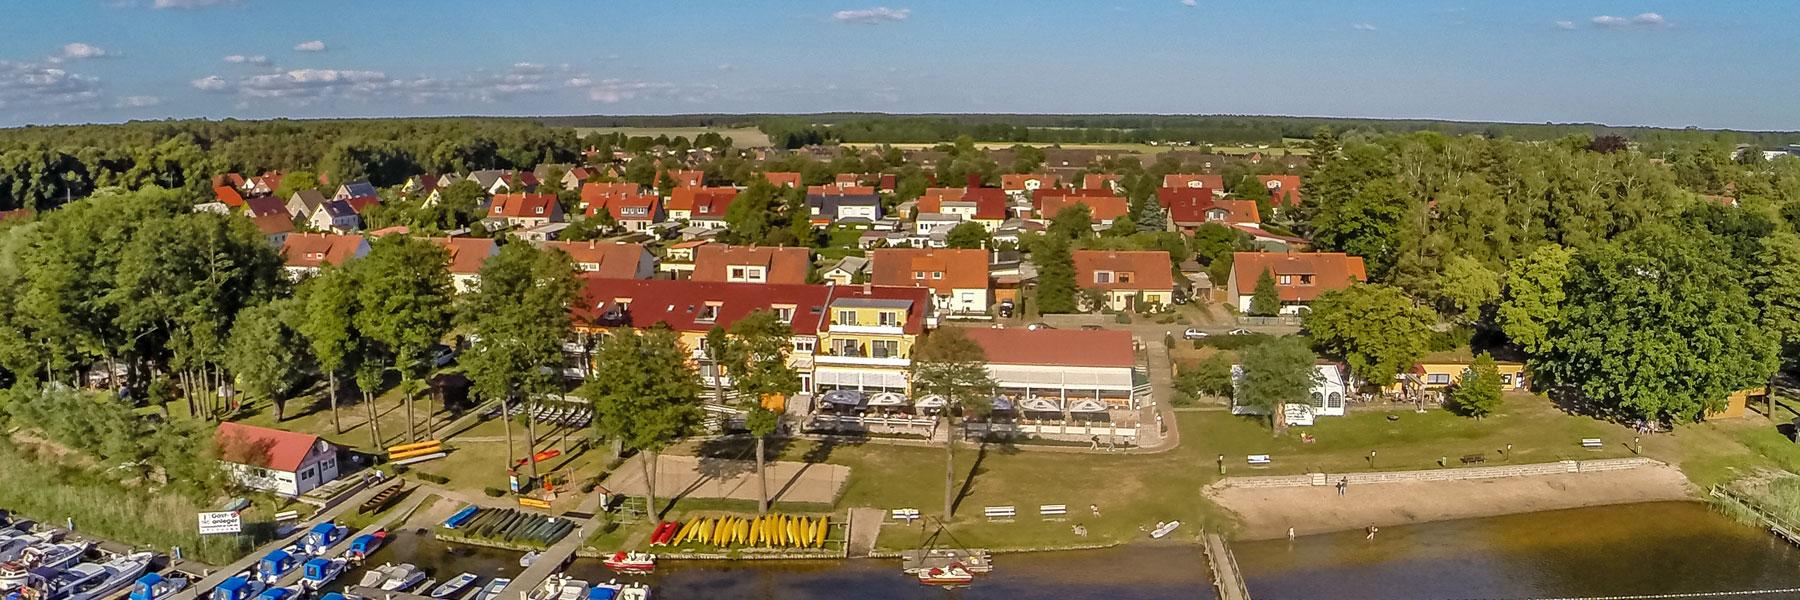 Luftbild - Strandhotel & Restaurant Mirow